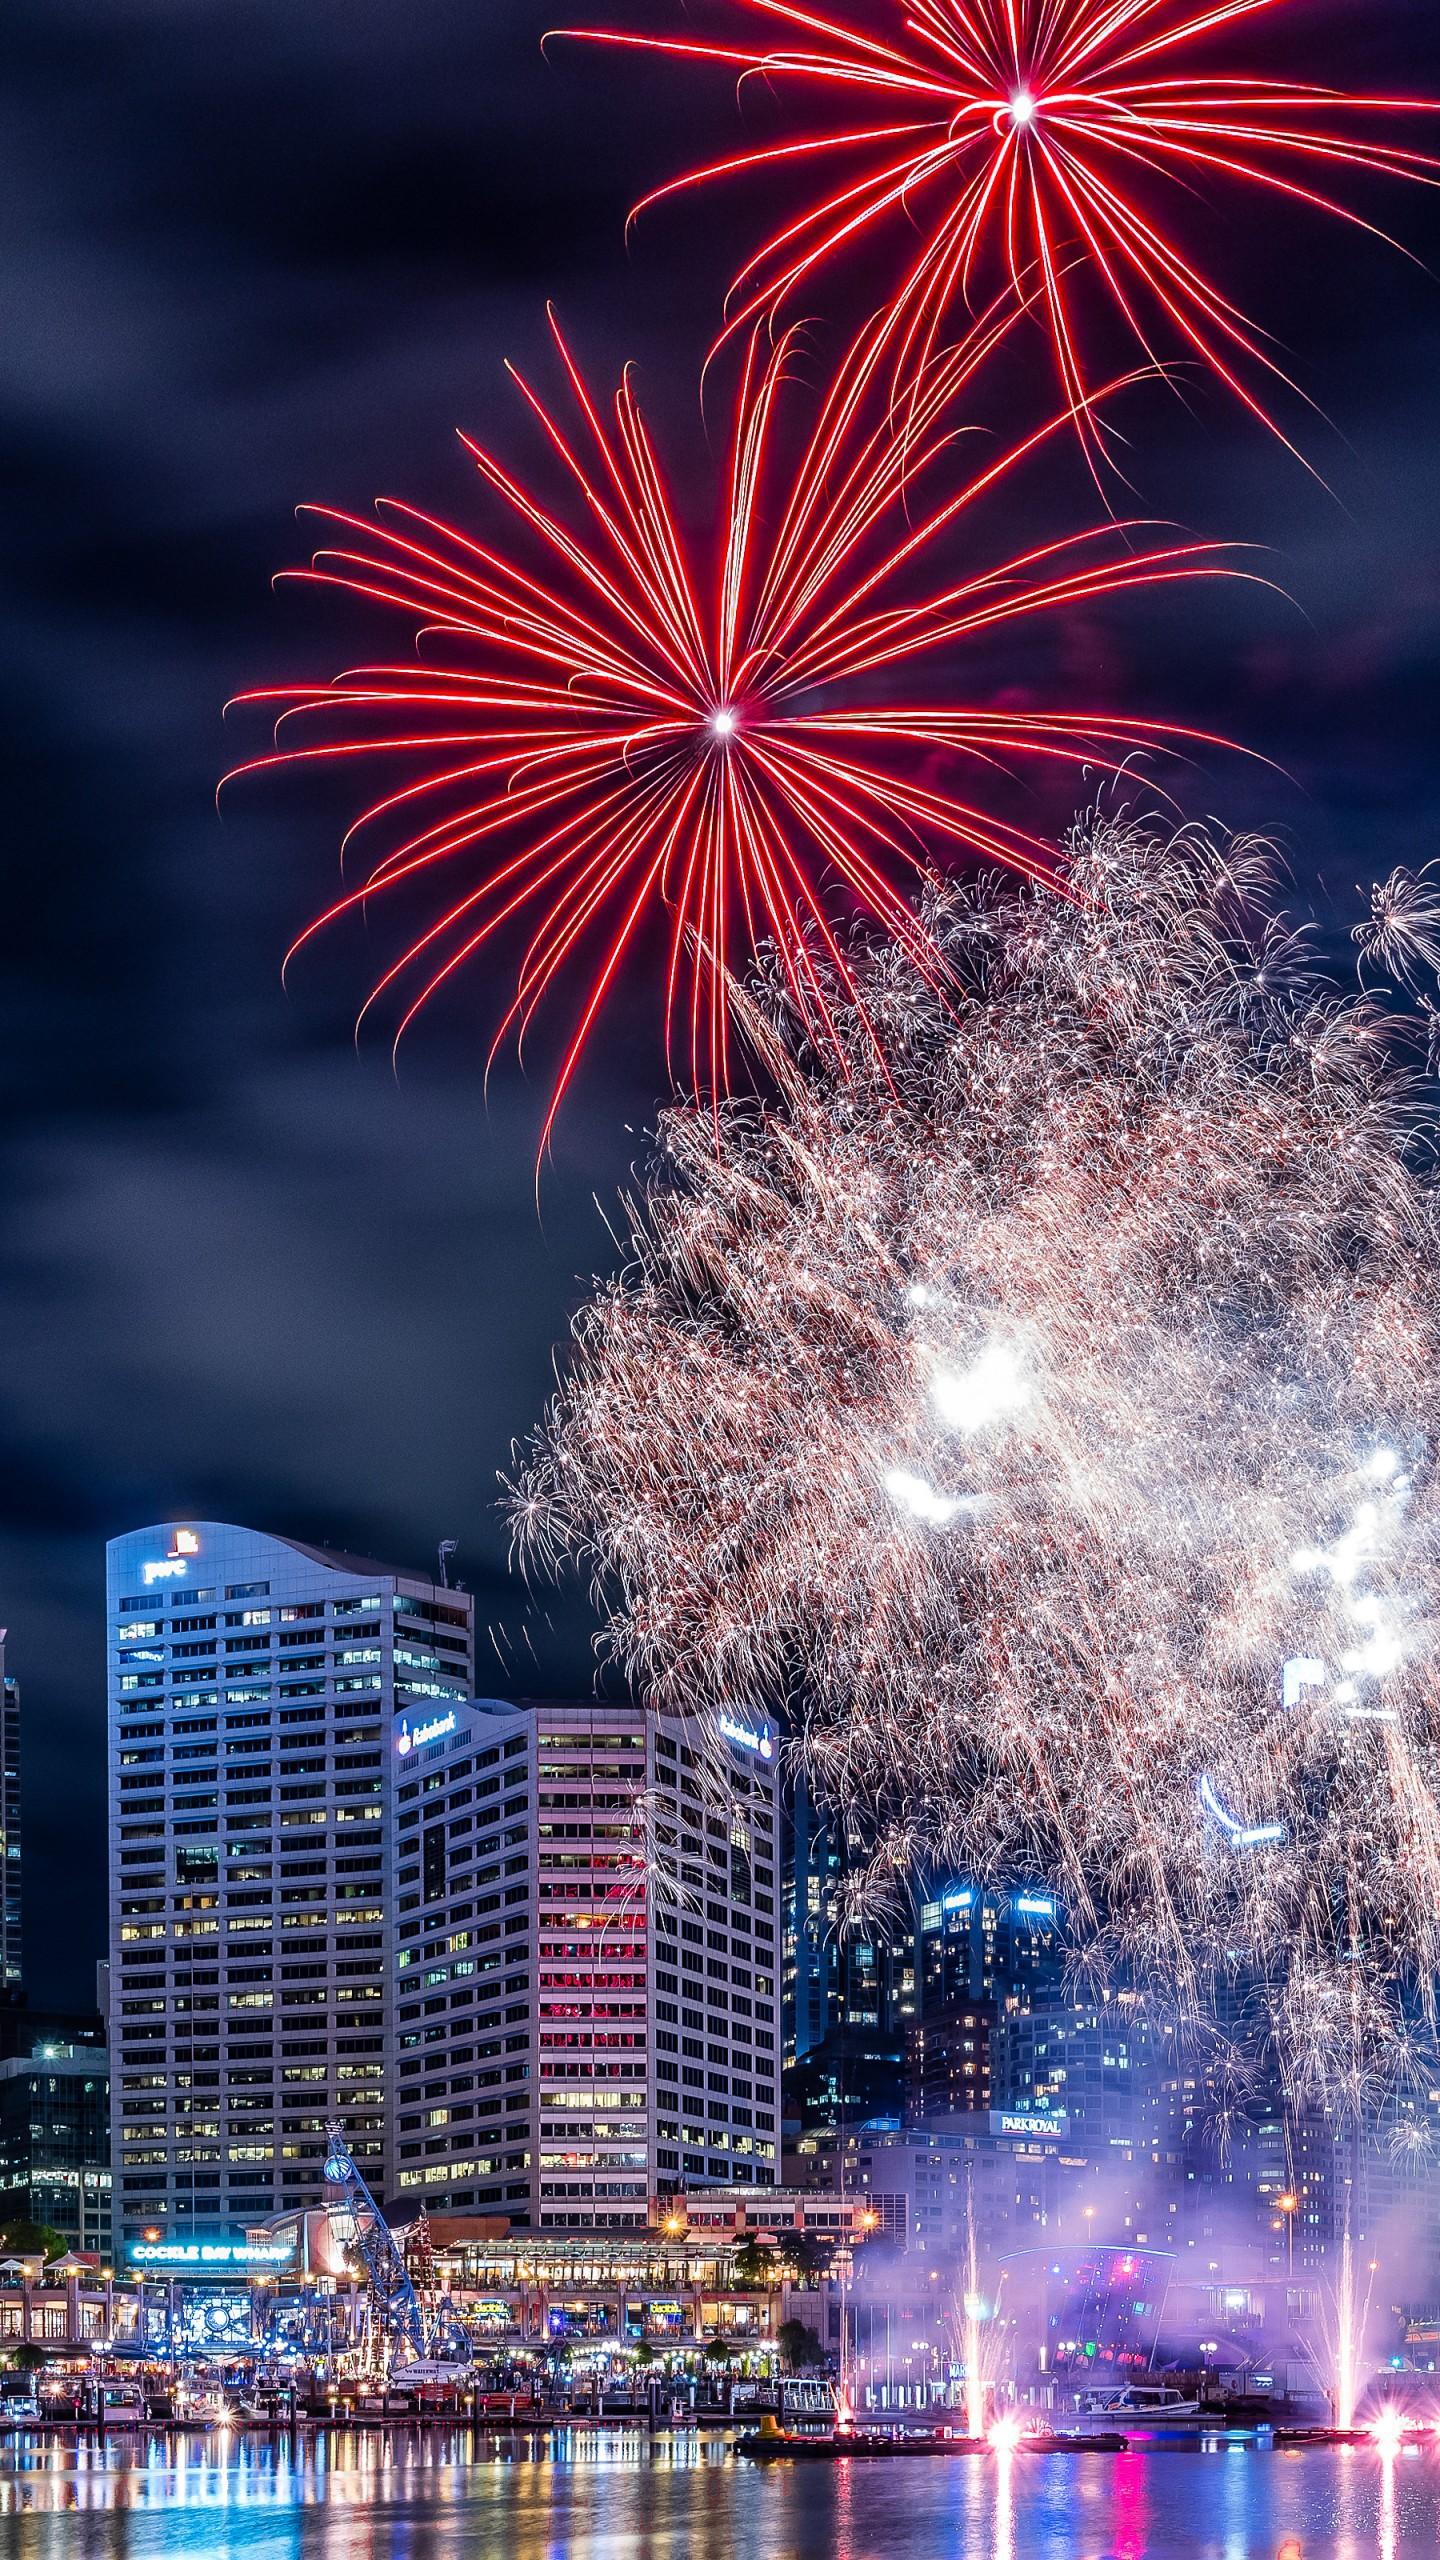 عکس زمینه آتش بازی و نورپردازی در شب سیدنی پس زمینه